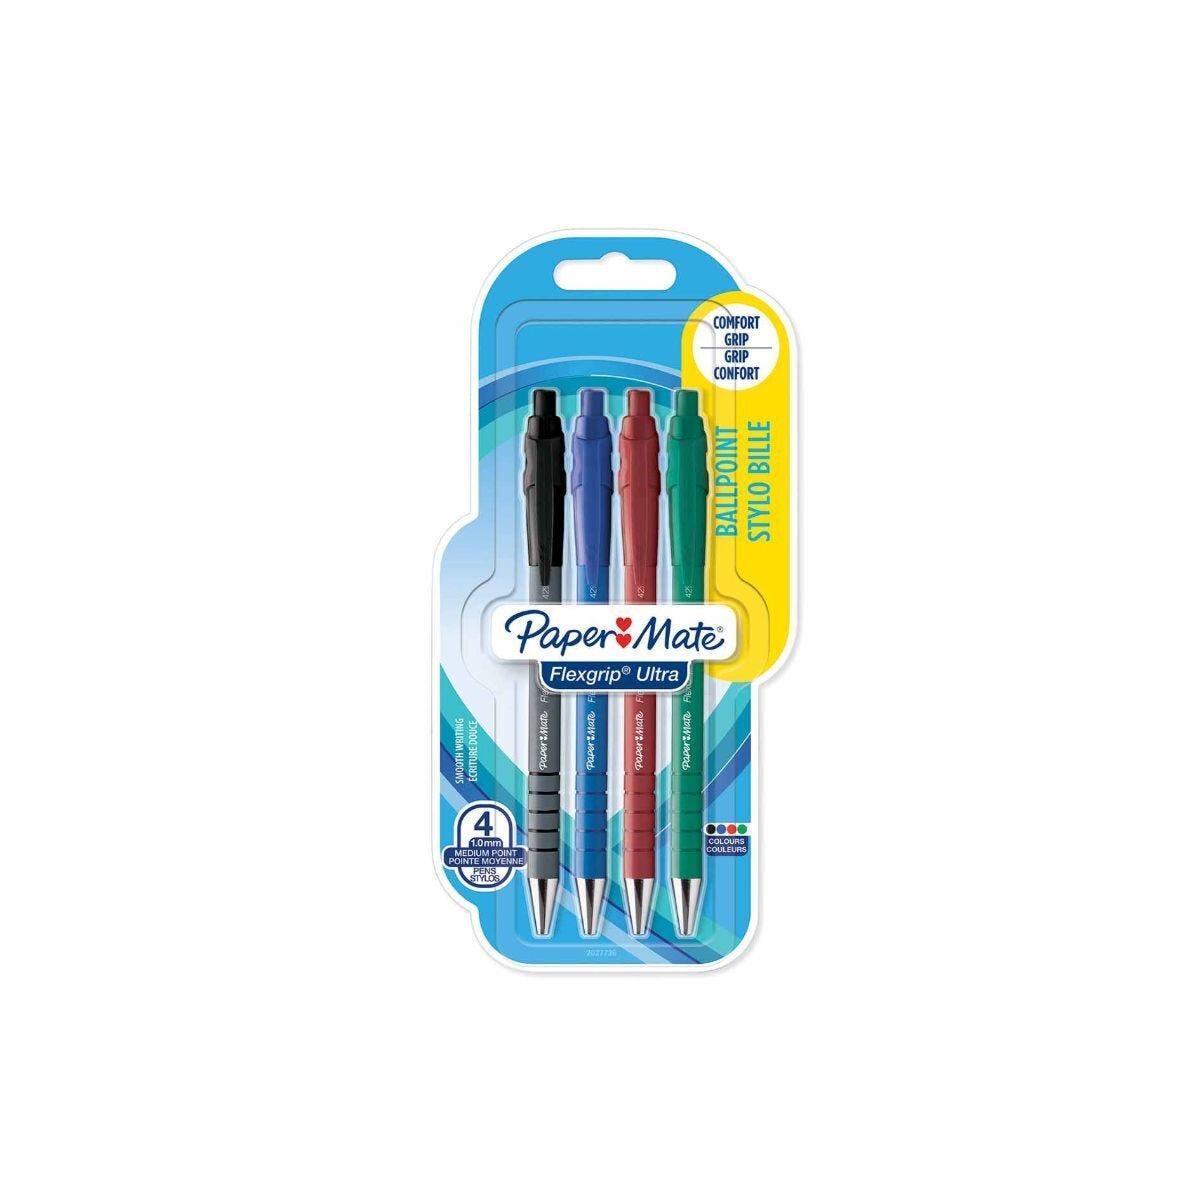 Paper Mate Flexgrip Ultra Ballpoint Pen Medium Pack of 4 Assorted